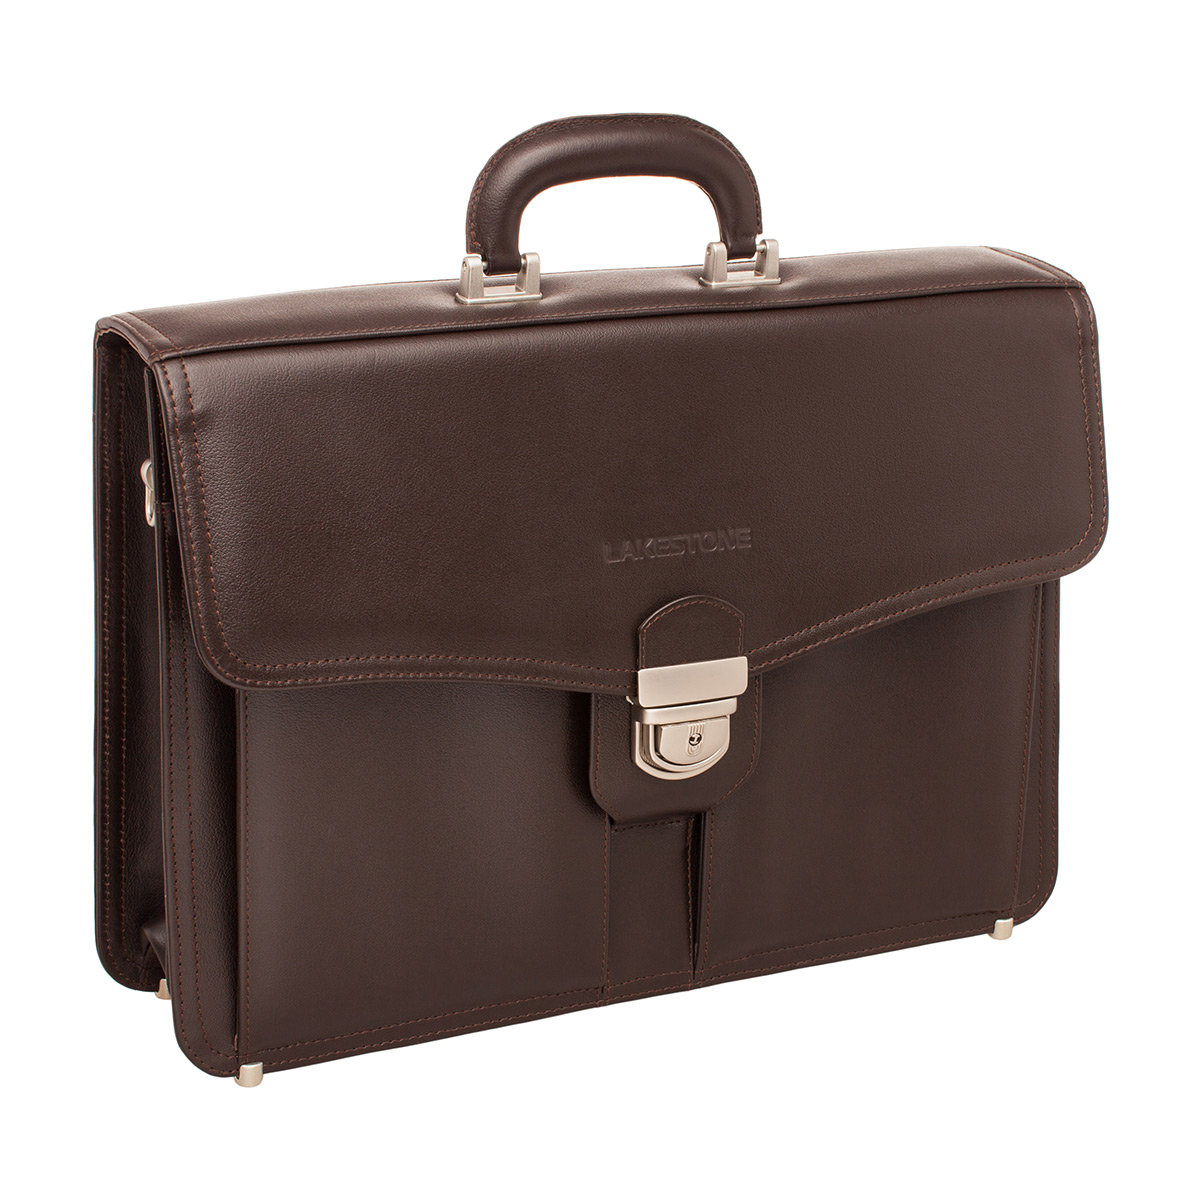 Портфель мужской кожаный Lakestone Farington коричневый фото